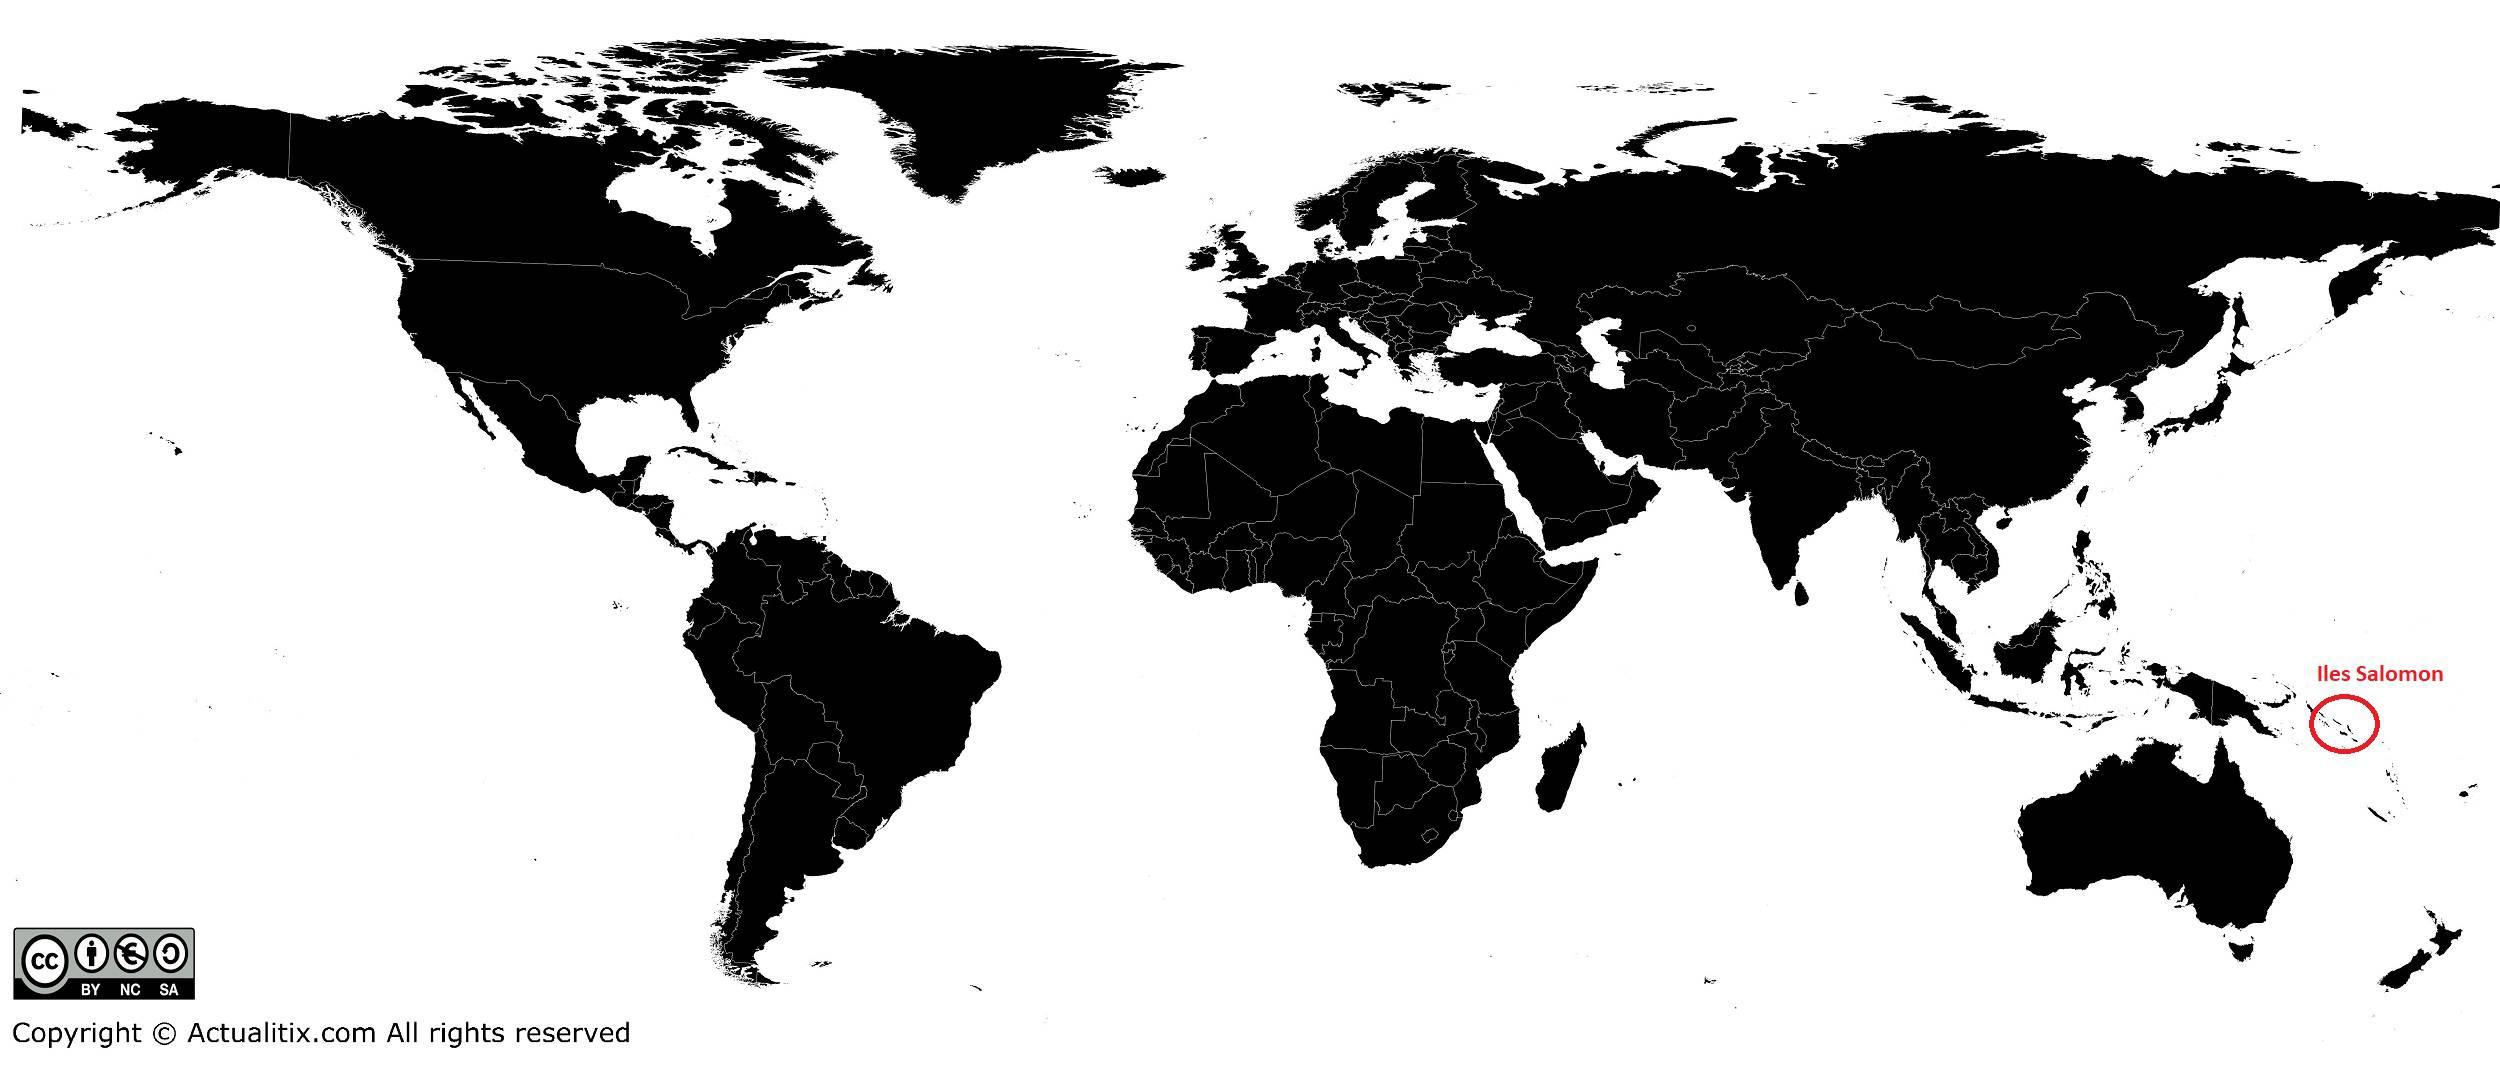 Îles Salomon sur une carte du monde